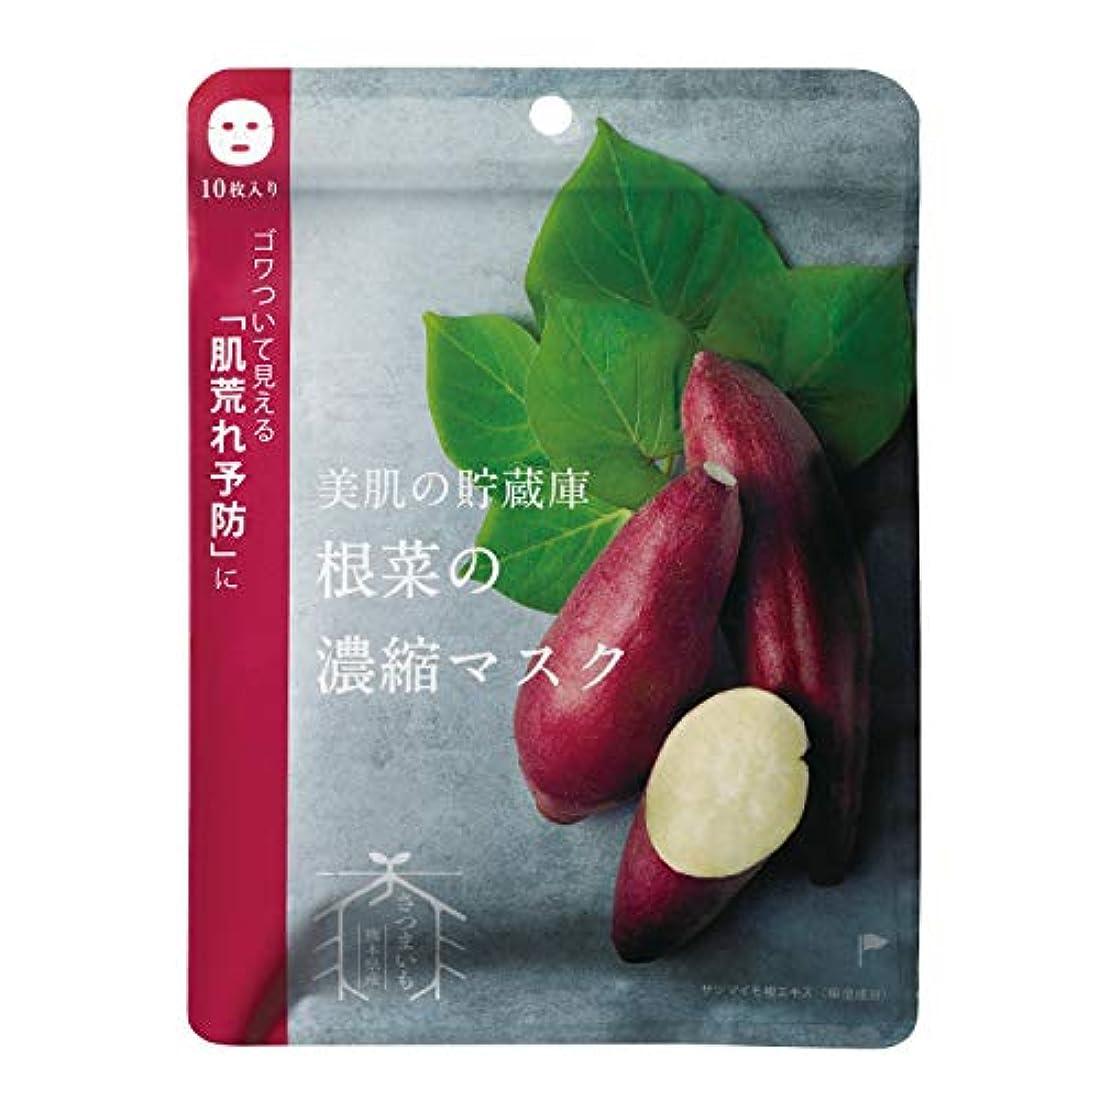 処理ブラスト言う@cosme nippon 美肌の貯蔵庫 根菜の濃縮マスク 安納いも 10枚 160ml